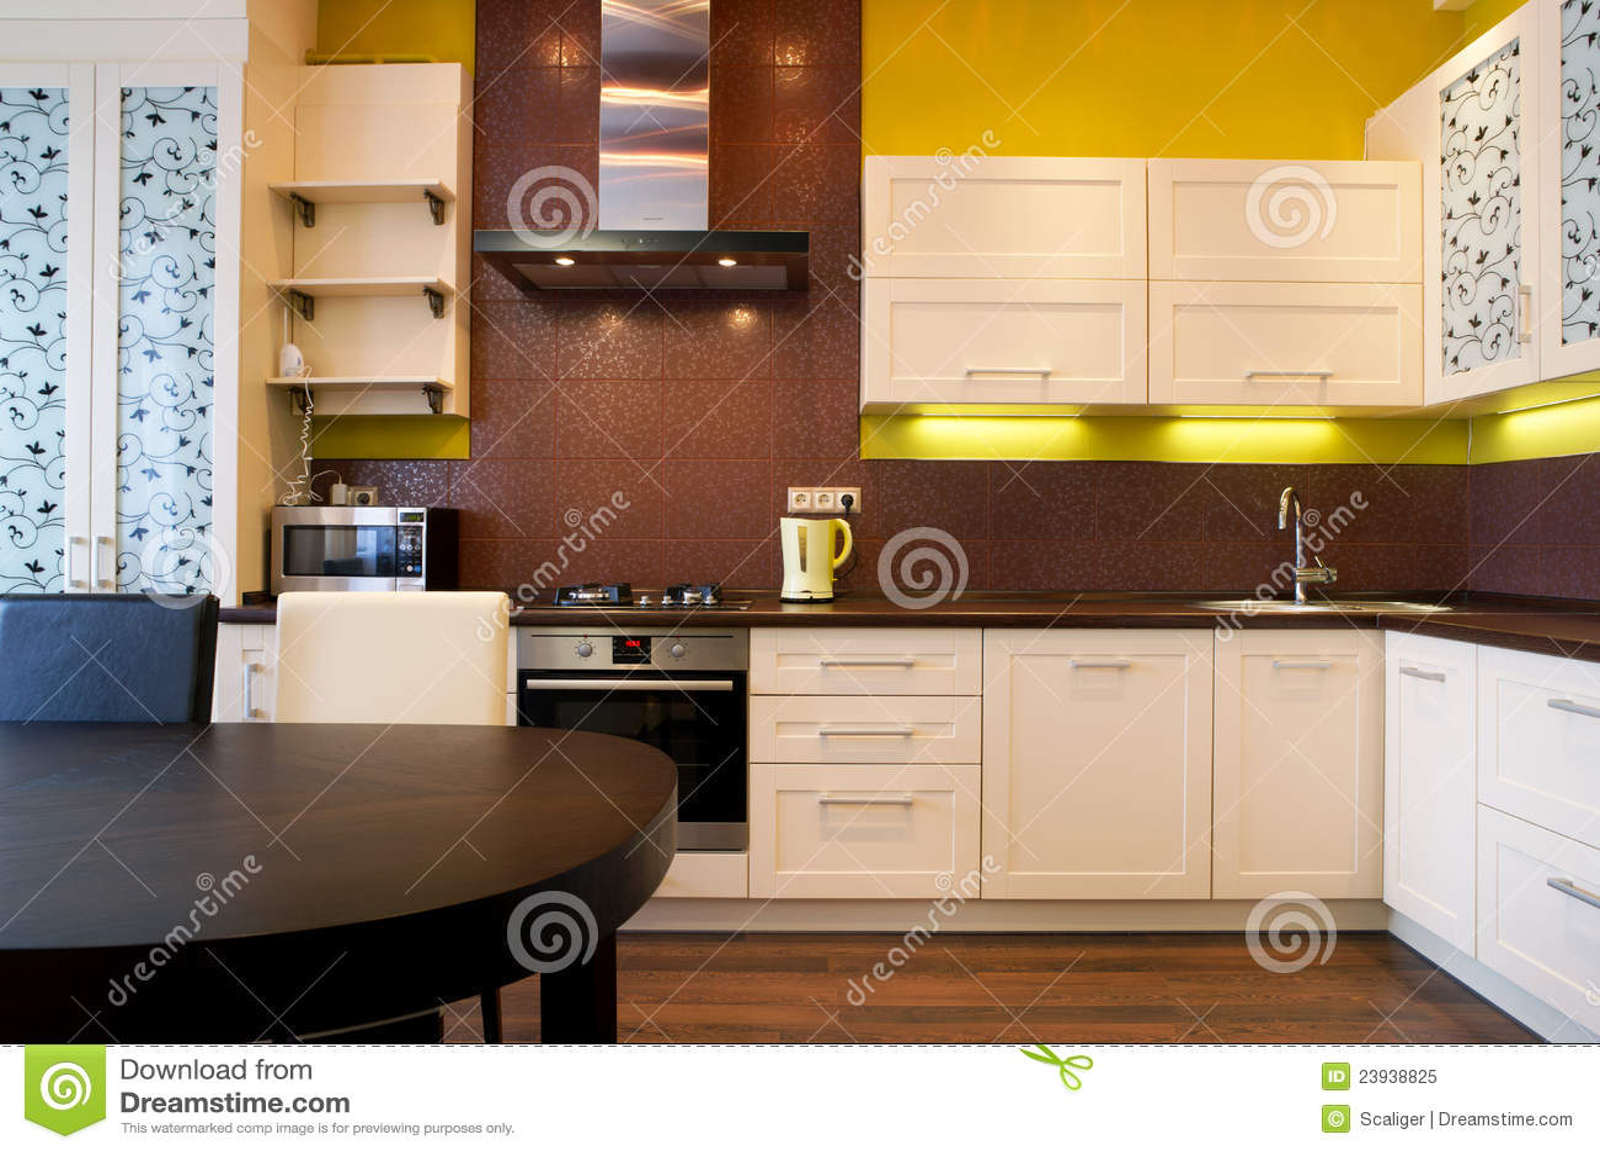 Moderne Keuken Lampen : Binnenland van moderne keuken stock afbeelding afbeelding